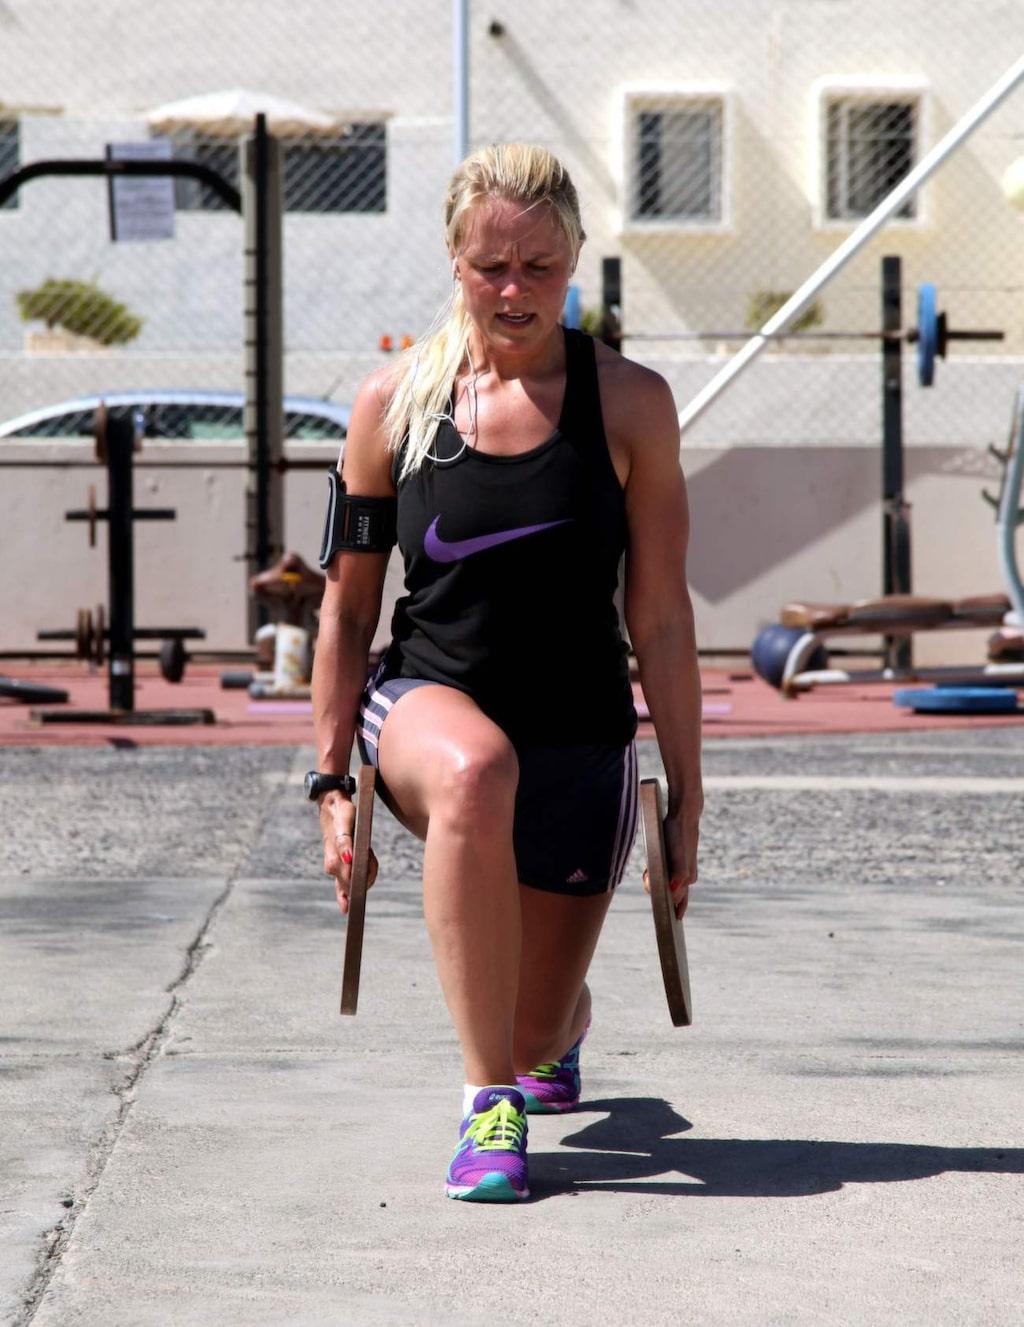 Vissa veckor har specialteman med inhyrda träningsprofiler.